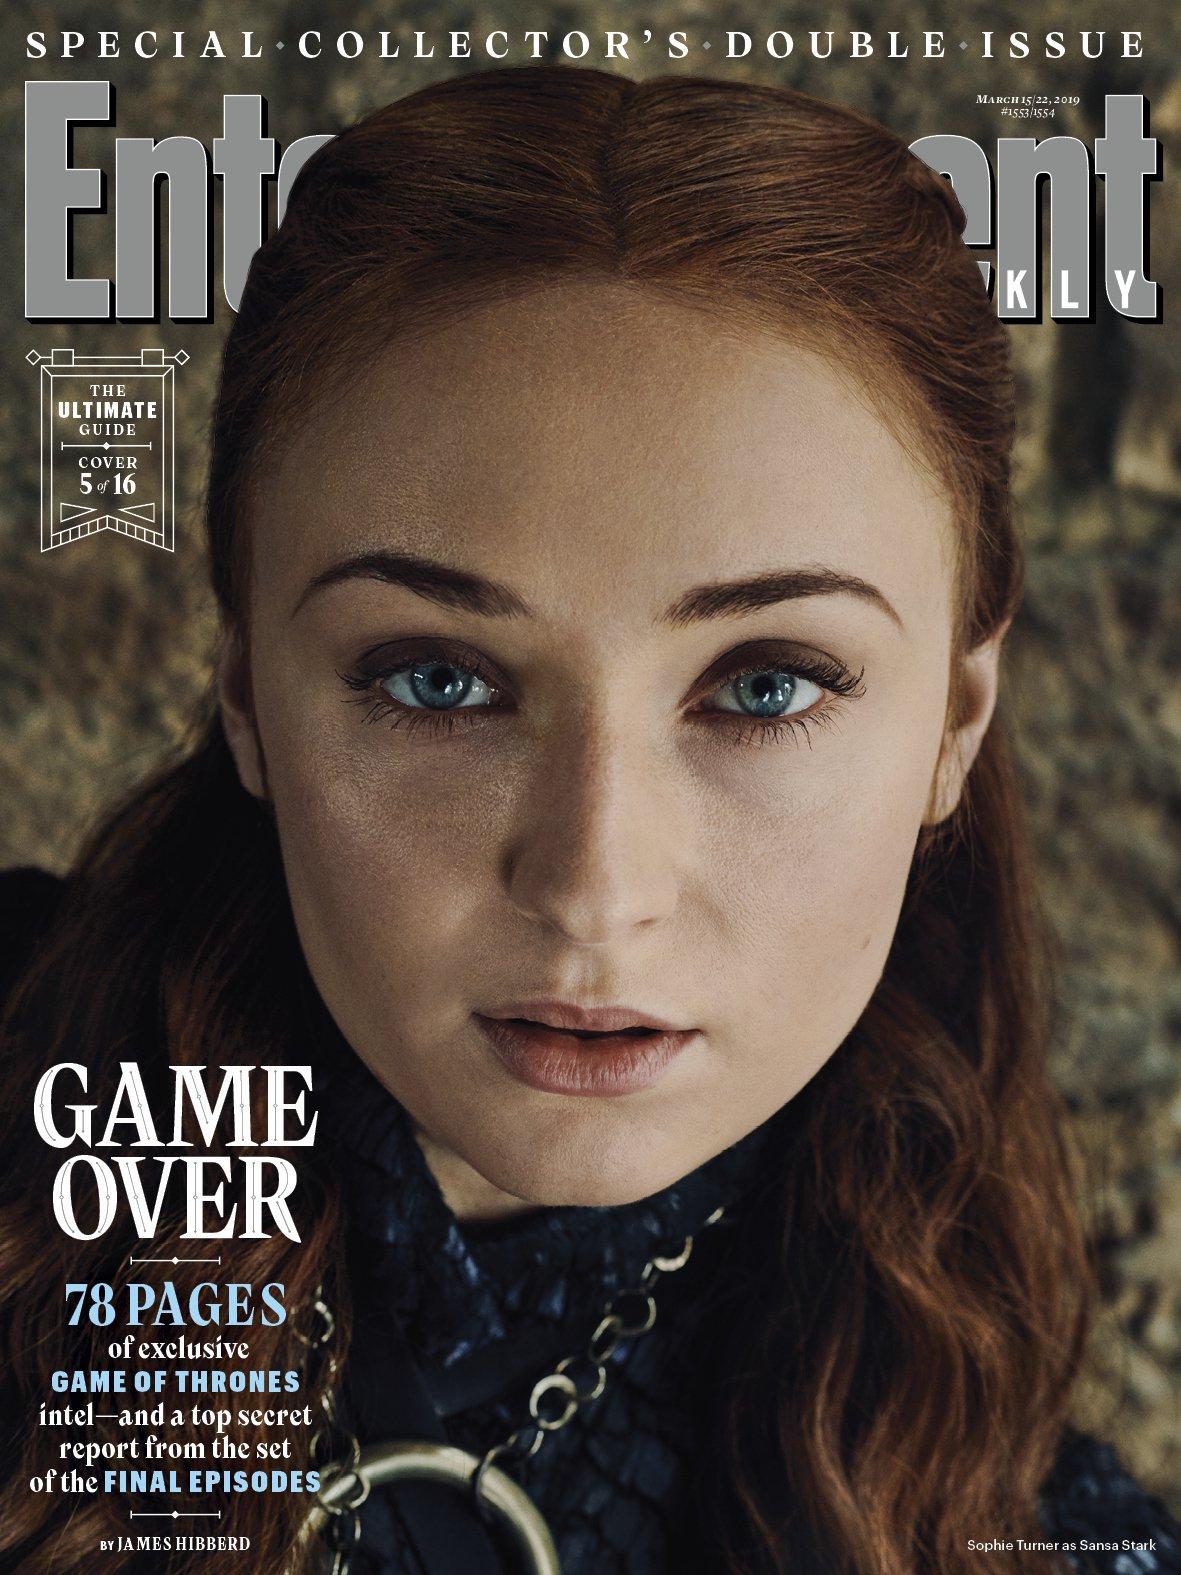 Revelan Imágenes Inéditas De 21 Personajes De Game Of Thrones En La